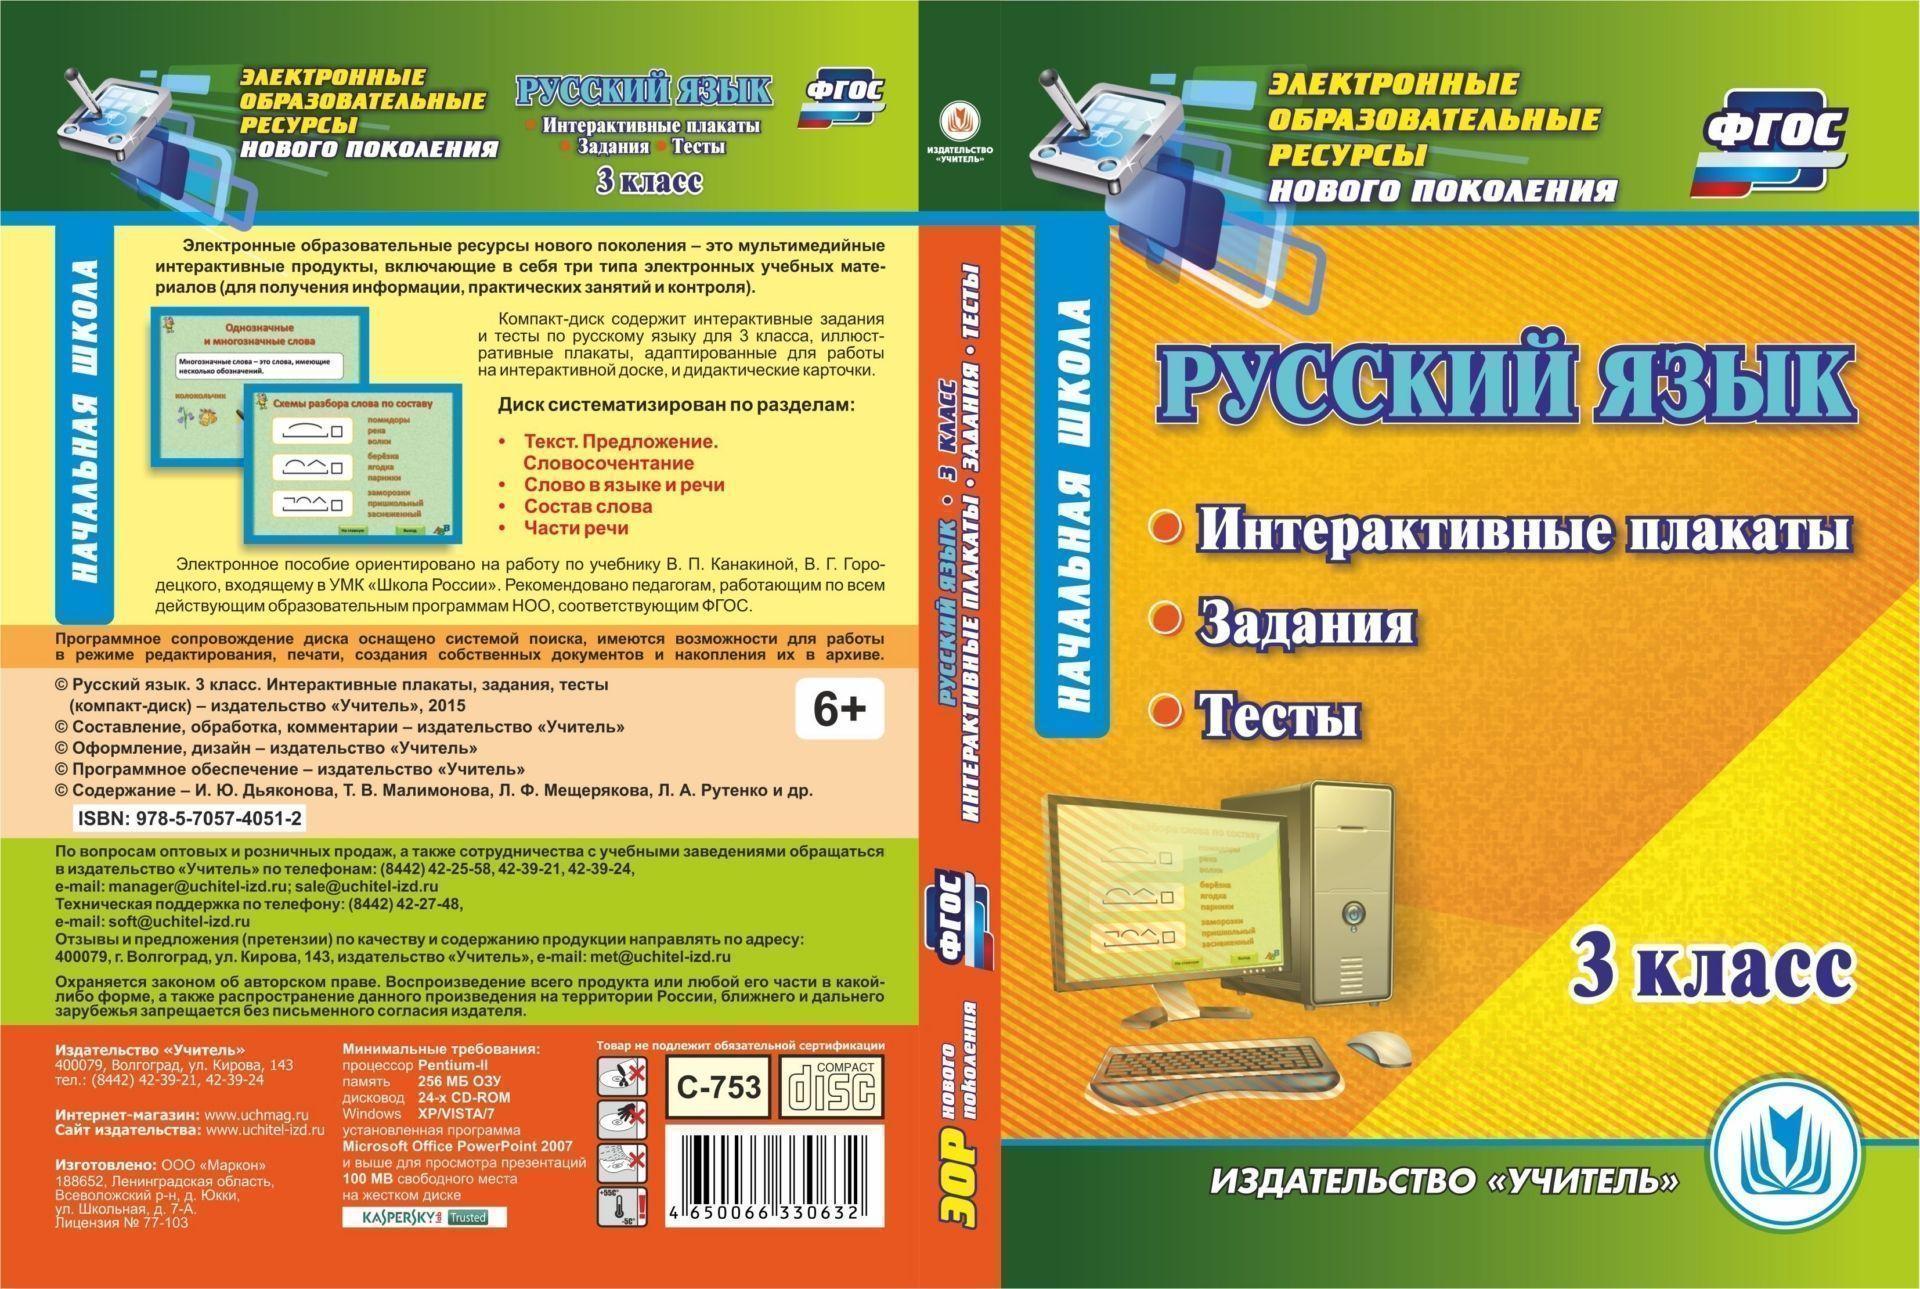 Русский язык. 3 класс. Интерактивные плакаты, задания, тесты. Программа для установки через Интернет